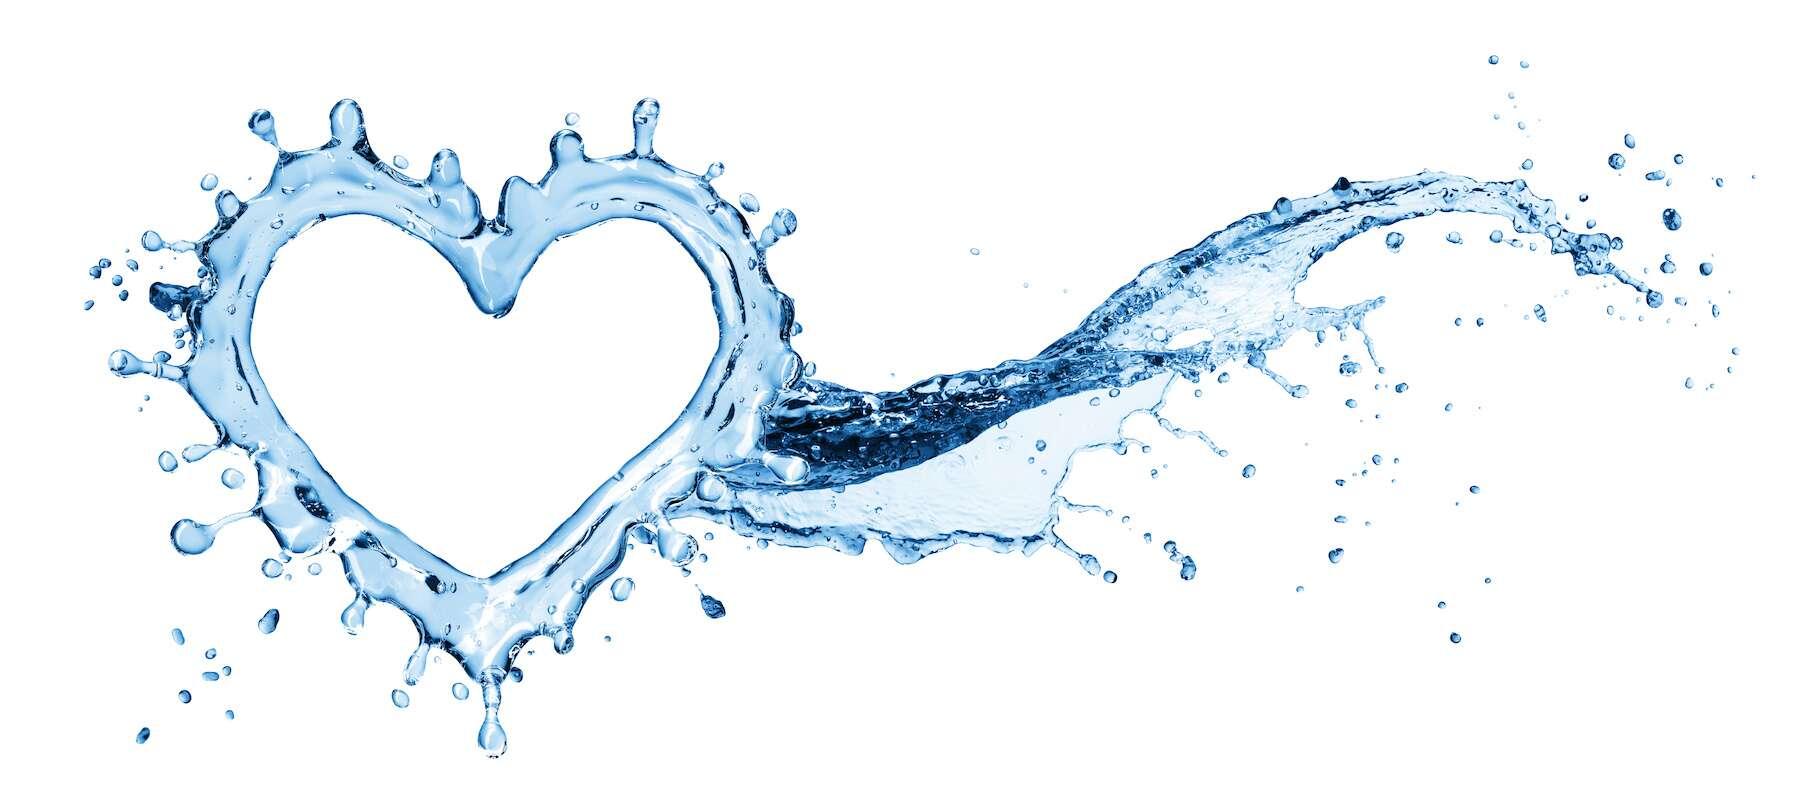 Boire suffisamment d'eau aide à prévenir les troubles cardiovasculaires. © lotus_studio, Adobe Stock